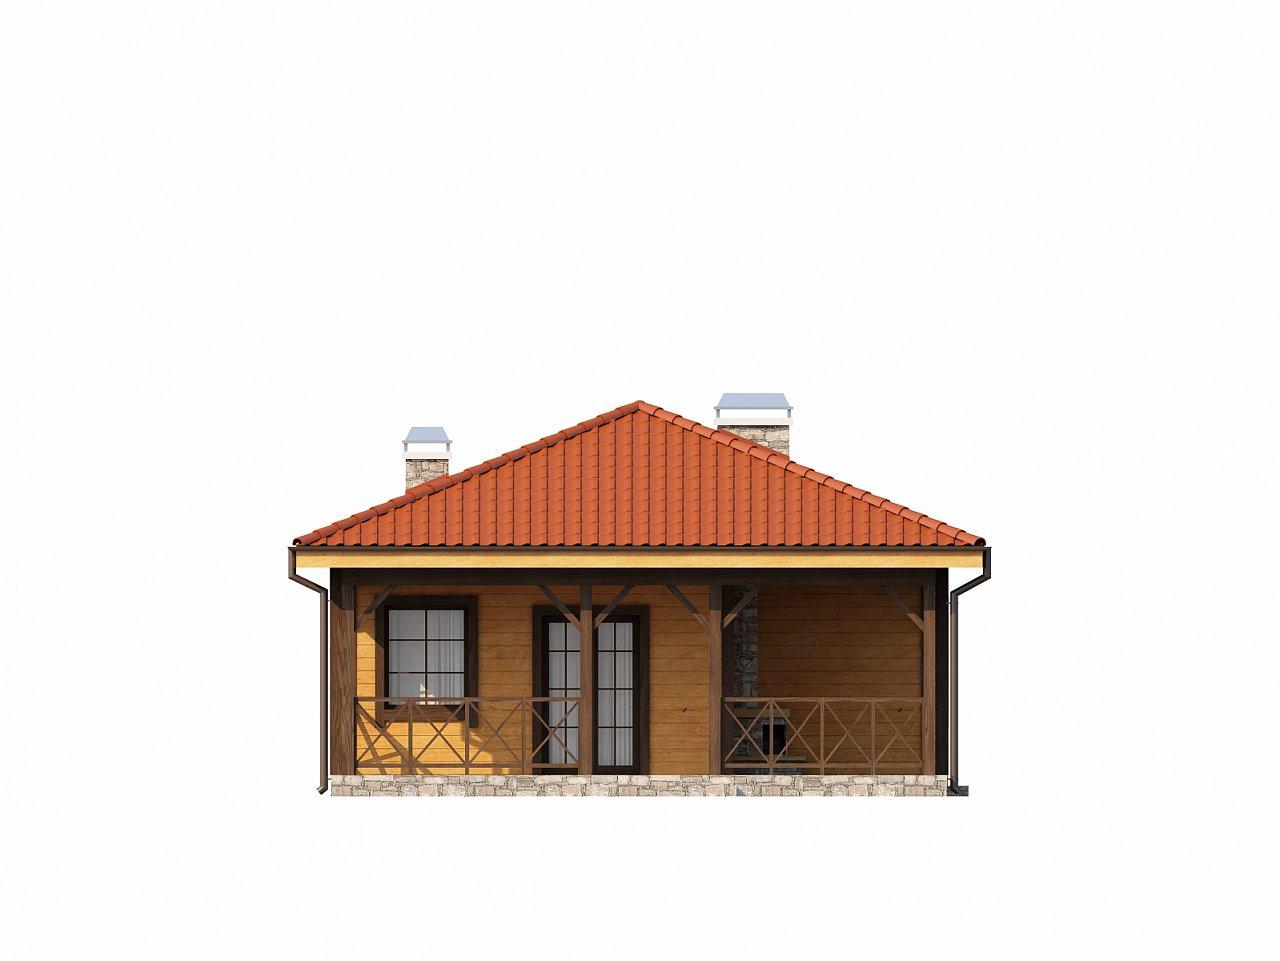 Аккуратный одноэтажный дом с деревянной облицовкой фасадов, адаптированный для каркасной технологии. 14